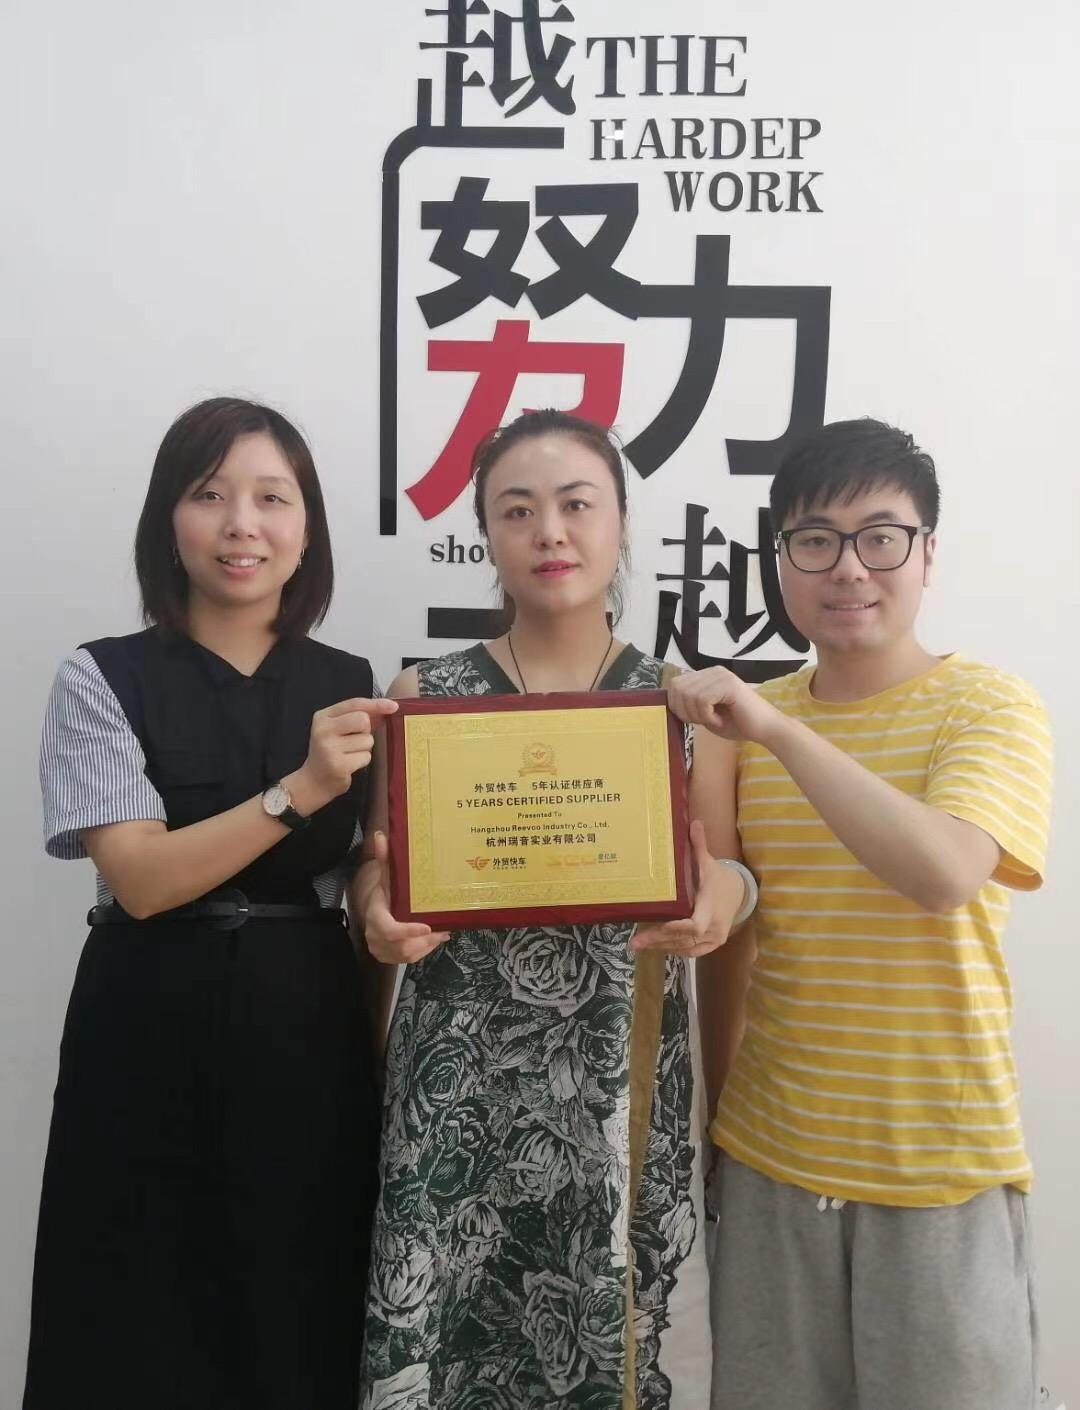 外贸快车5年认证供应商|杭州瑞音实业有限公司